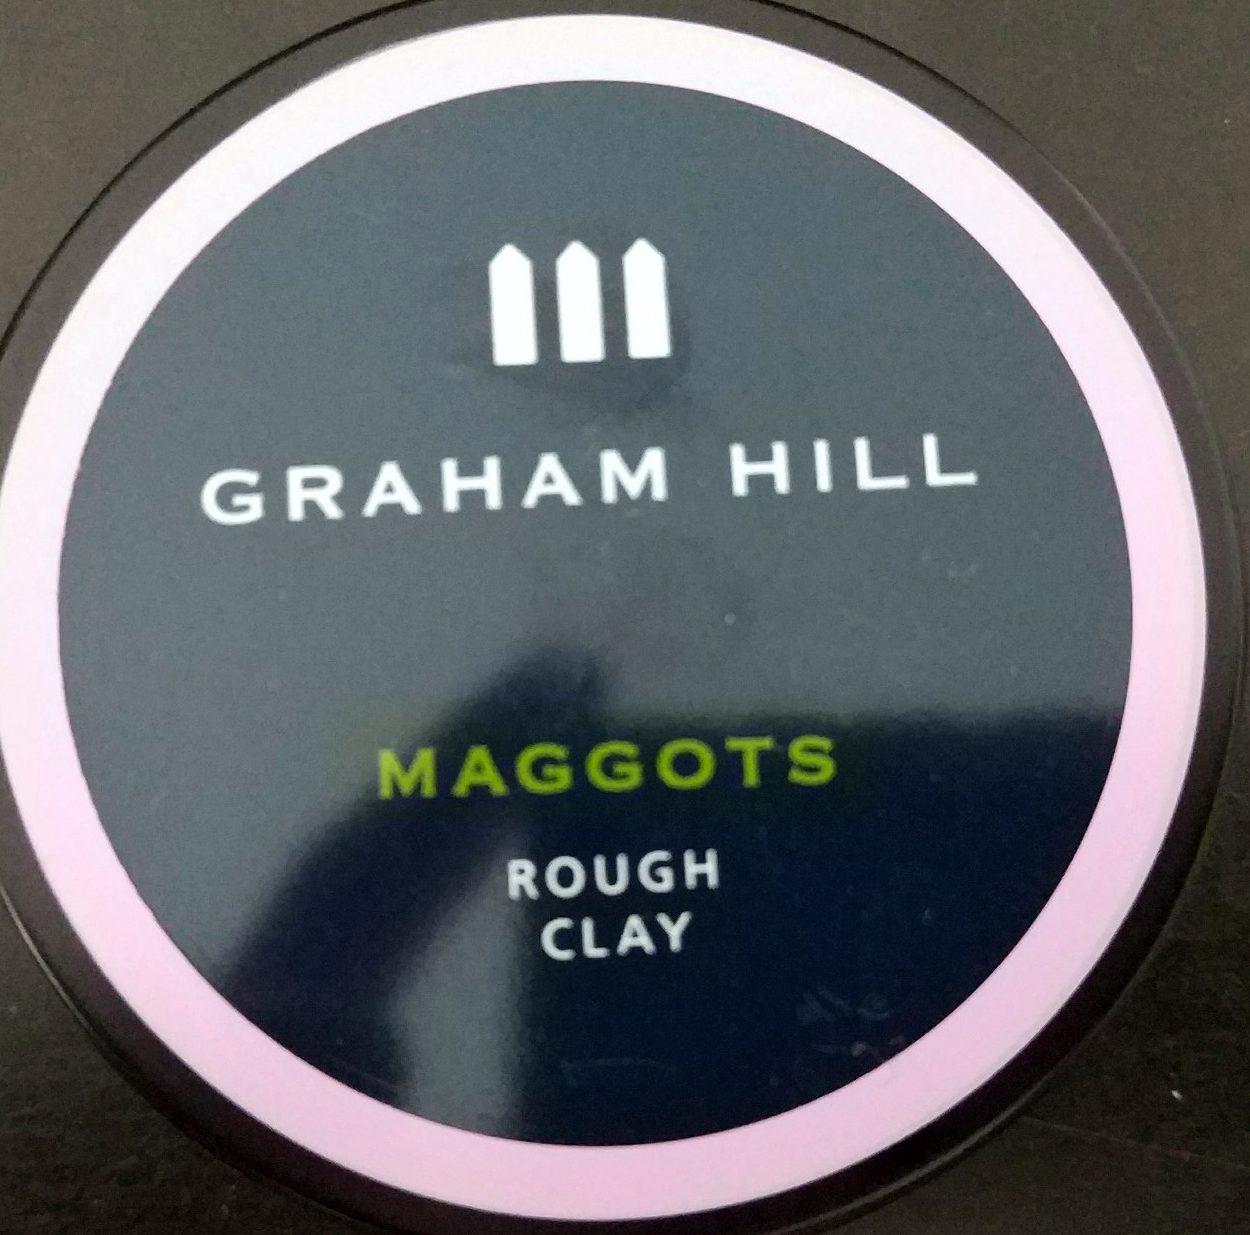 Maggots - Product - en